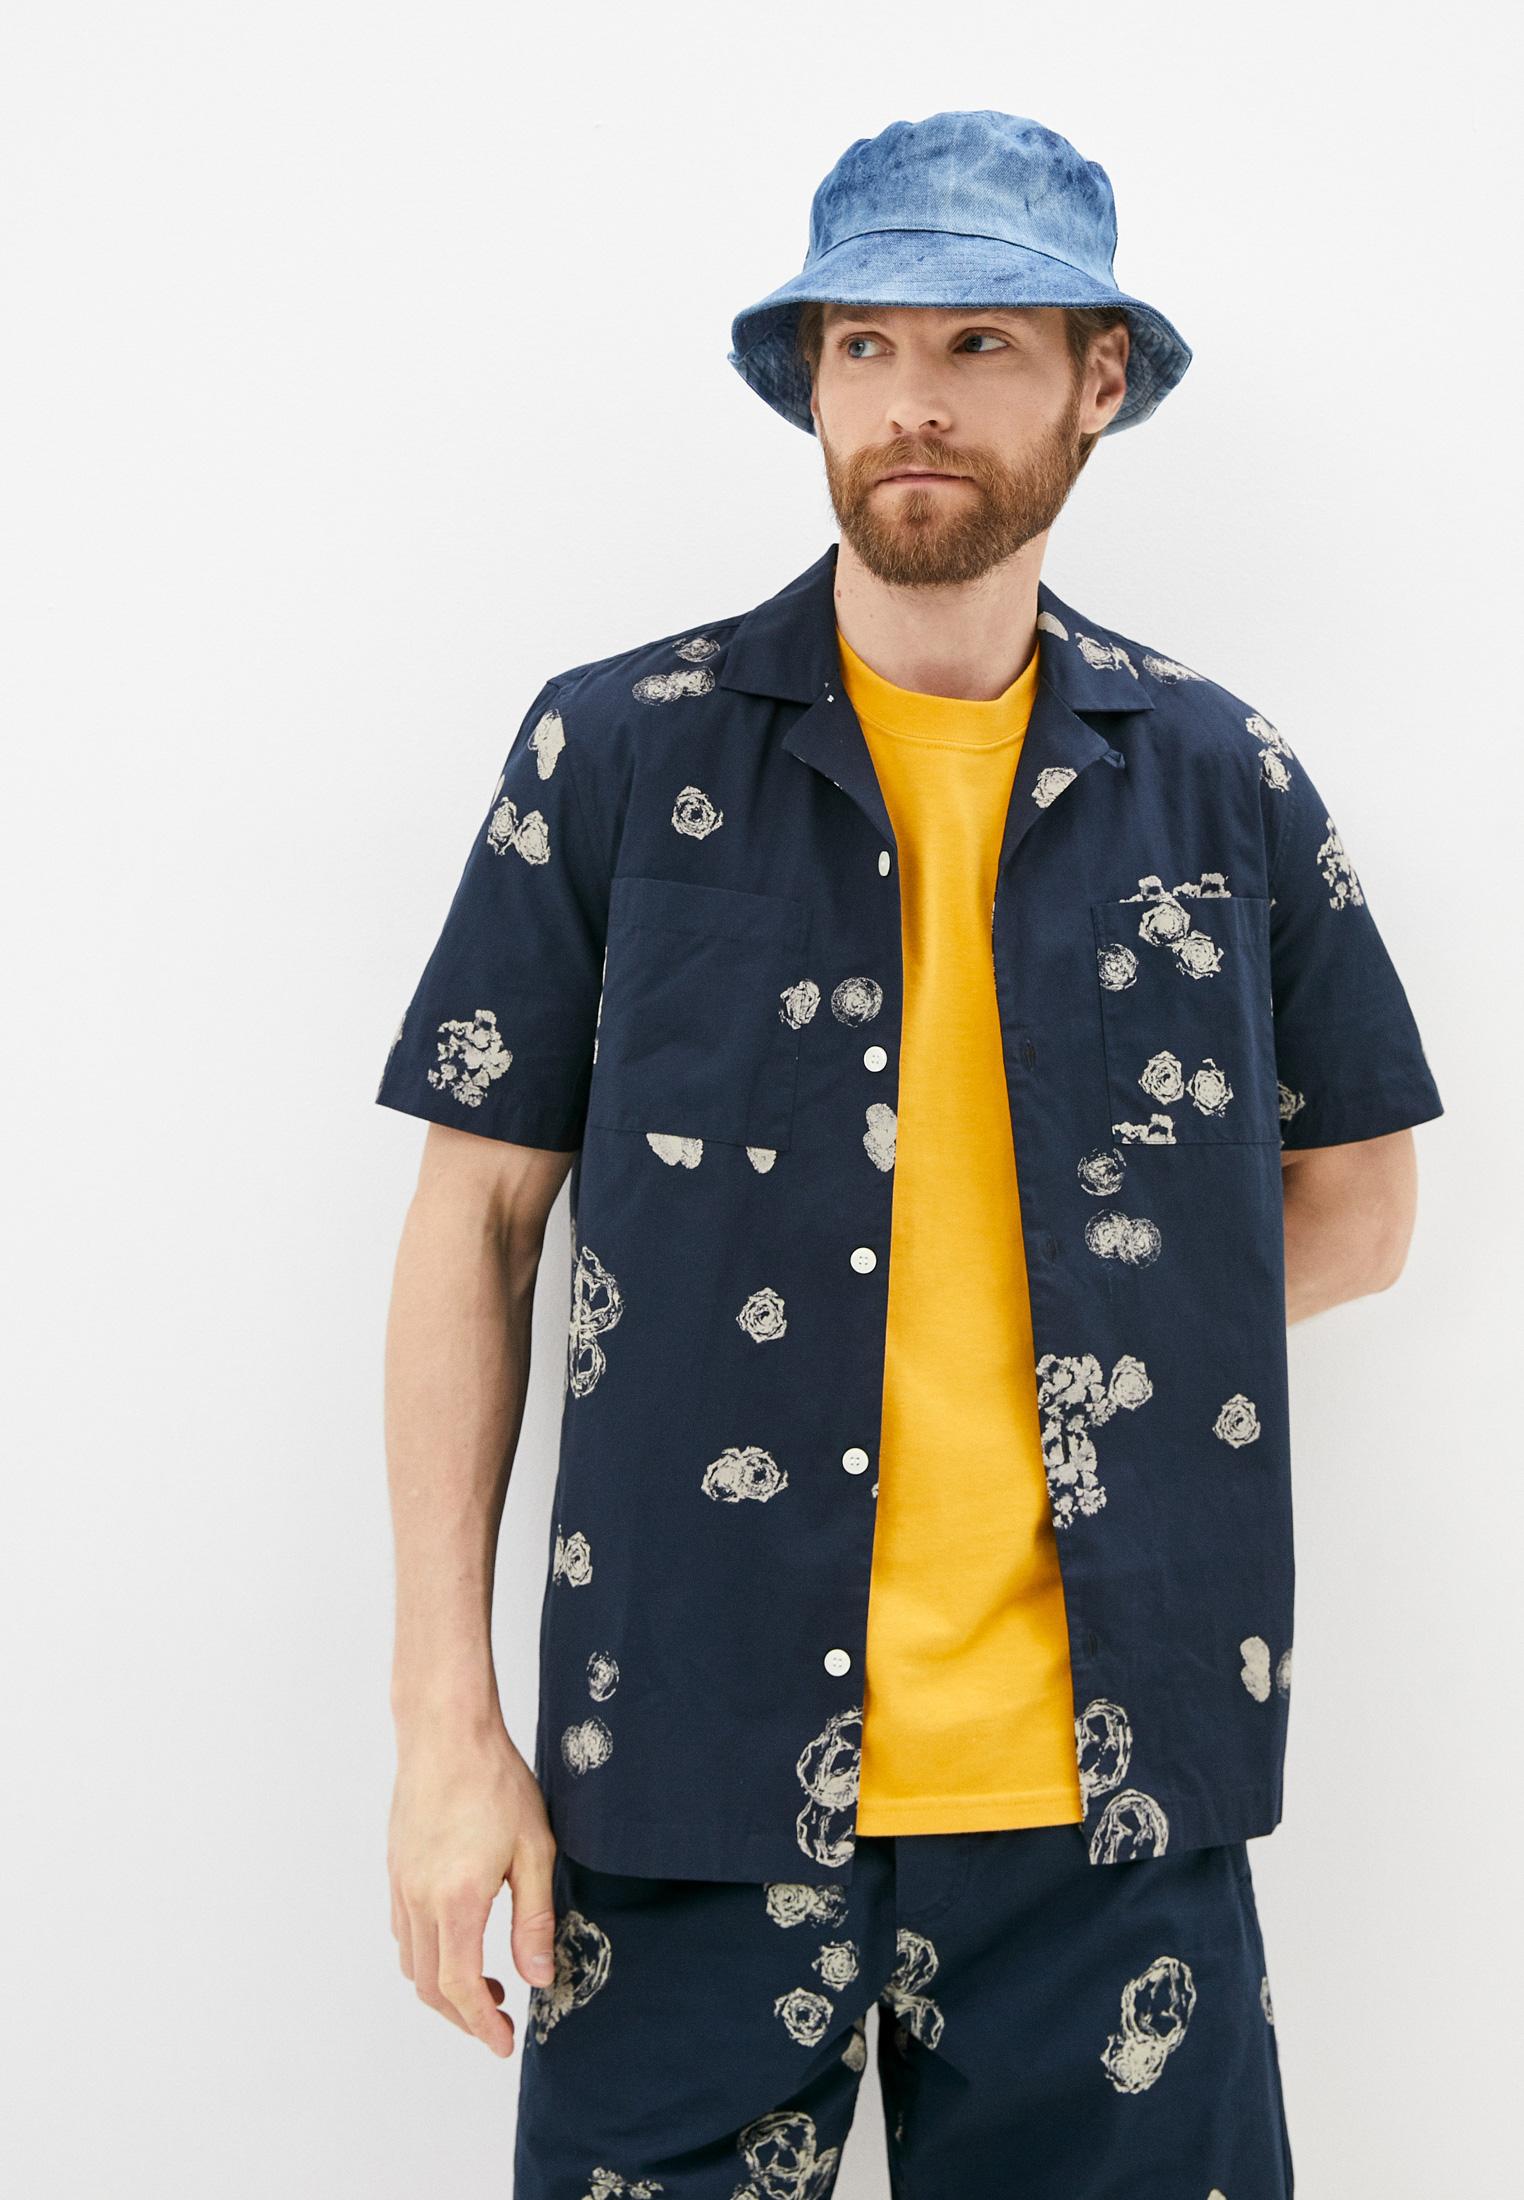 Рубашка с коротким рукавом Wood Wood Рубашка Wood Wood